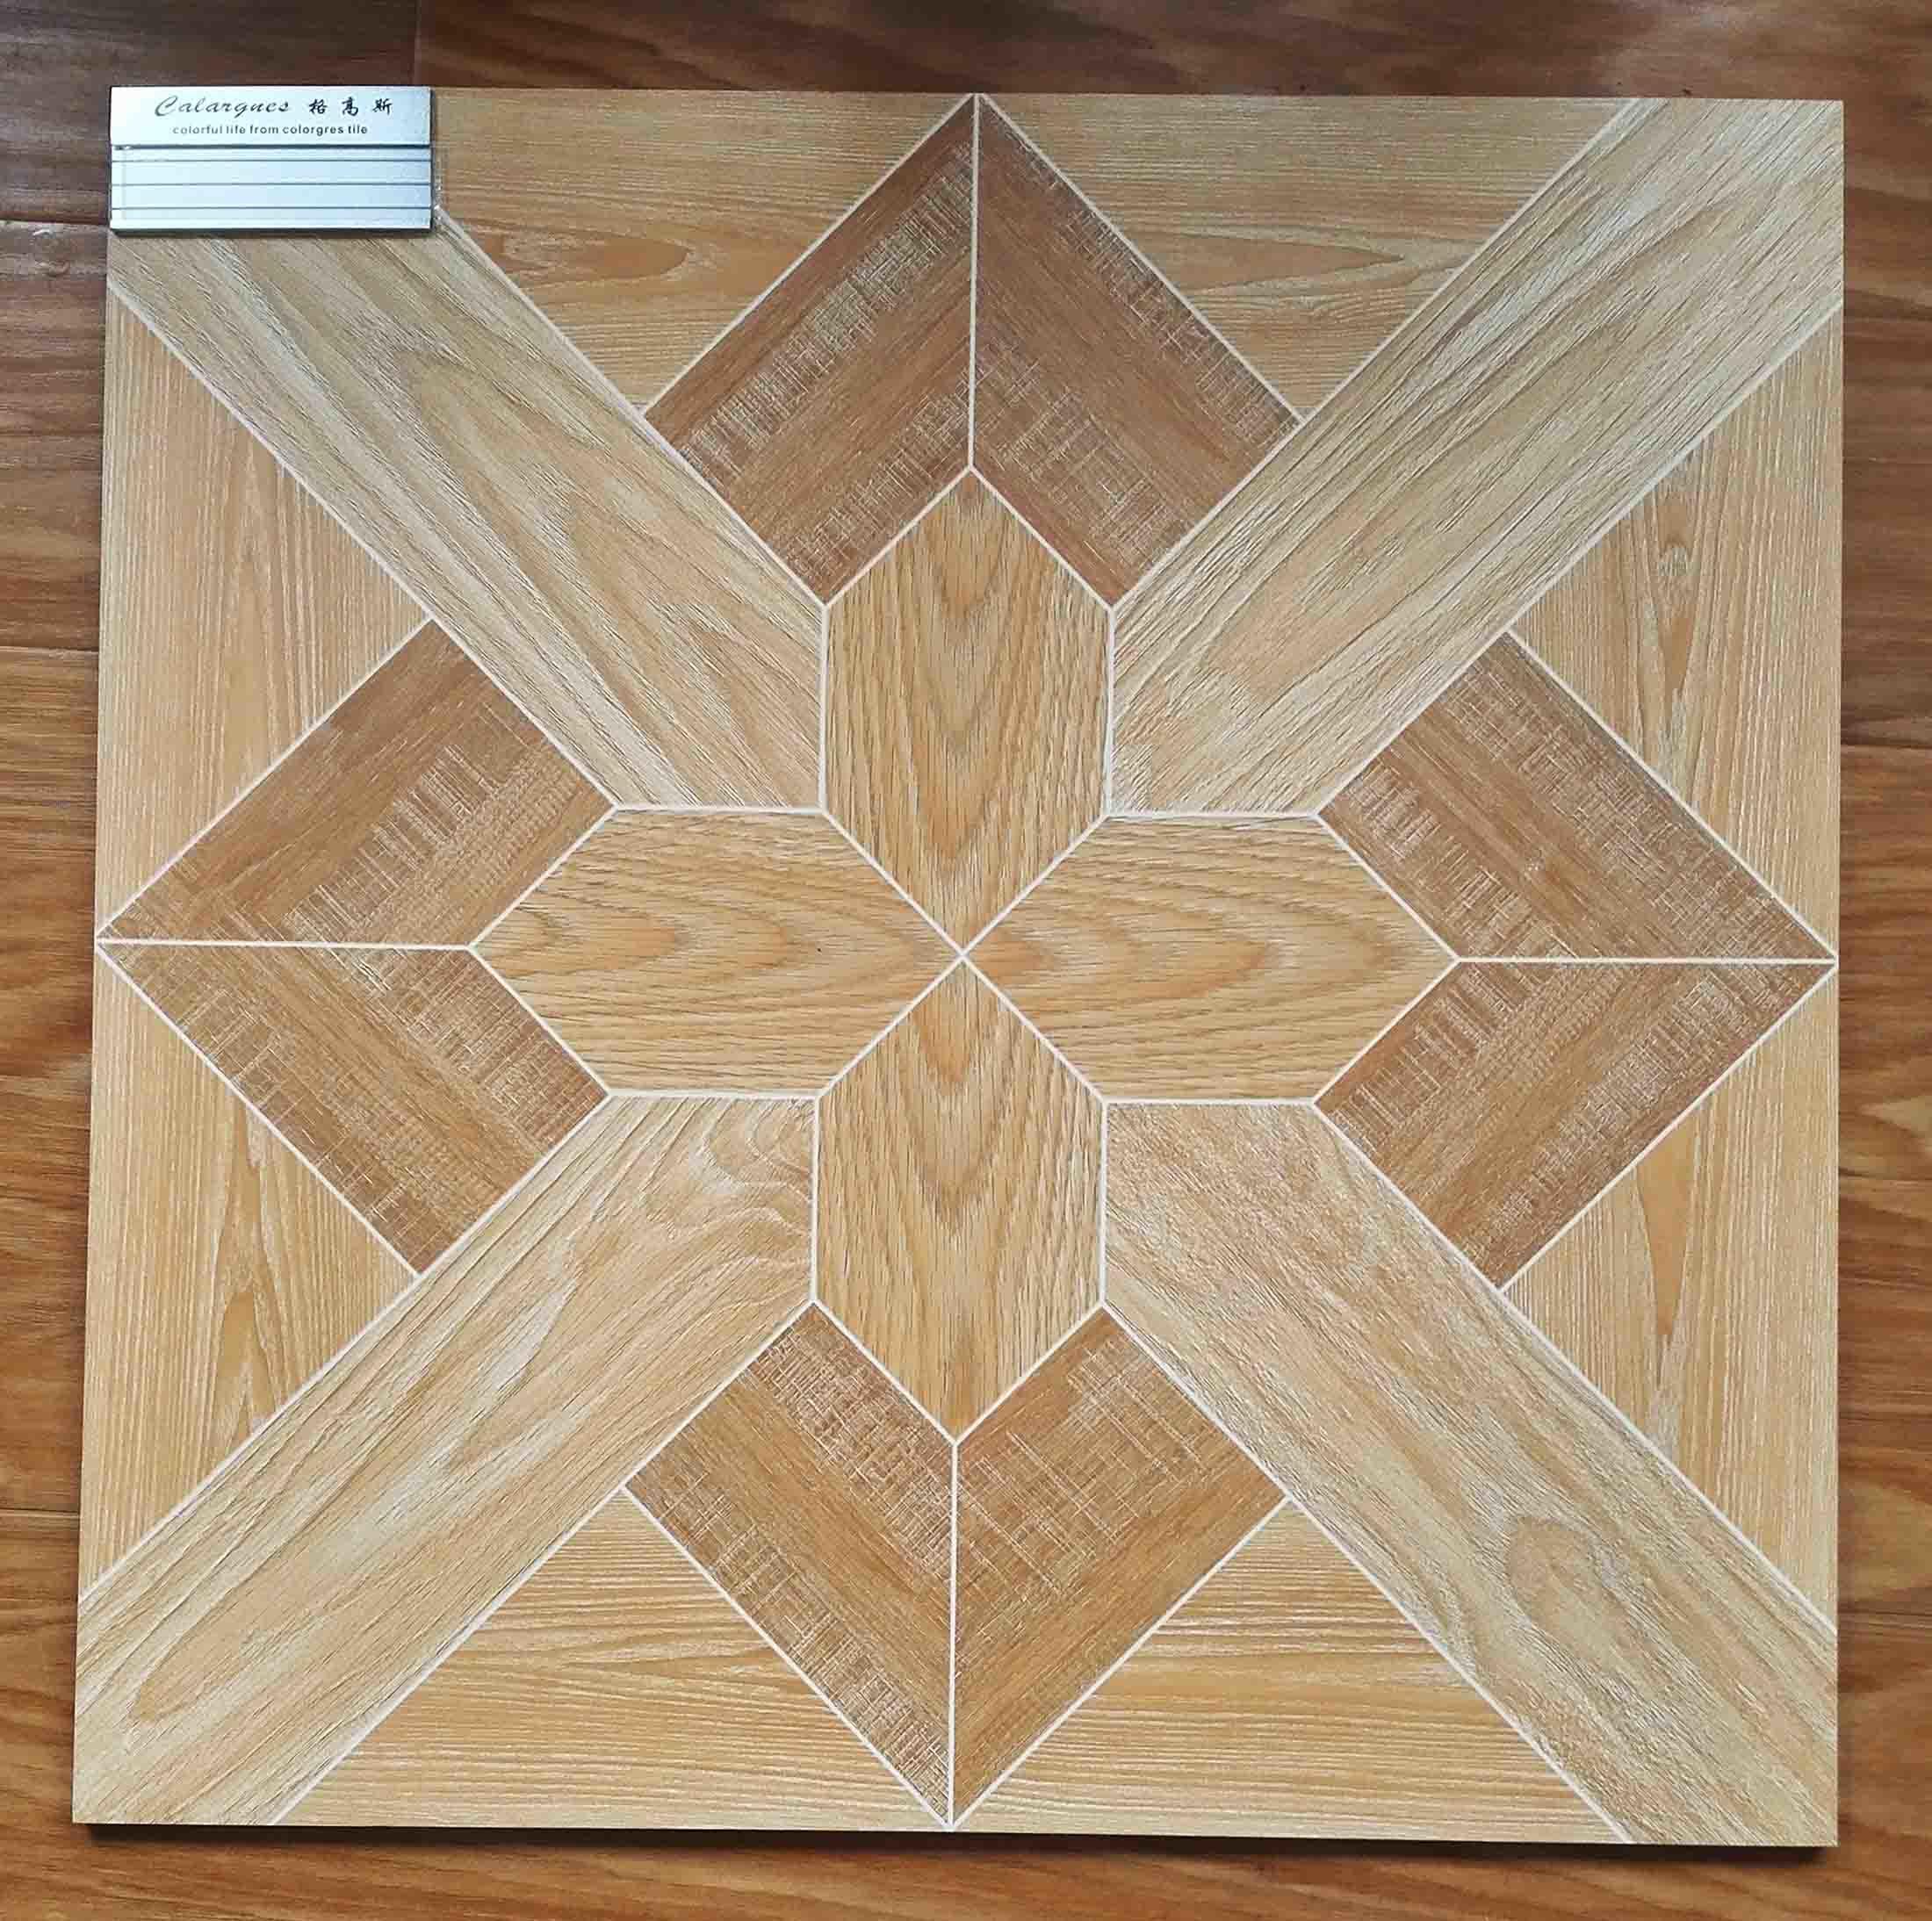 Rustic Tile/Floor Tile/Building Material/Flooring/Tiles/Ceramic Tile/Porcelain  Tile/Wall Tile/Matt 60*60